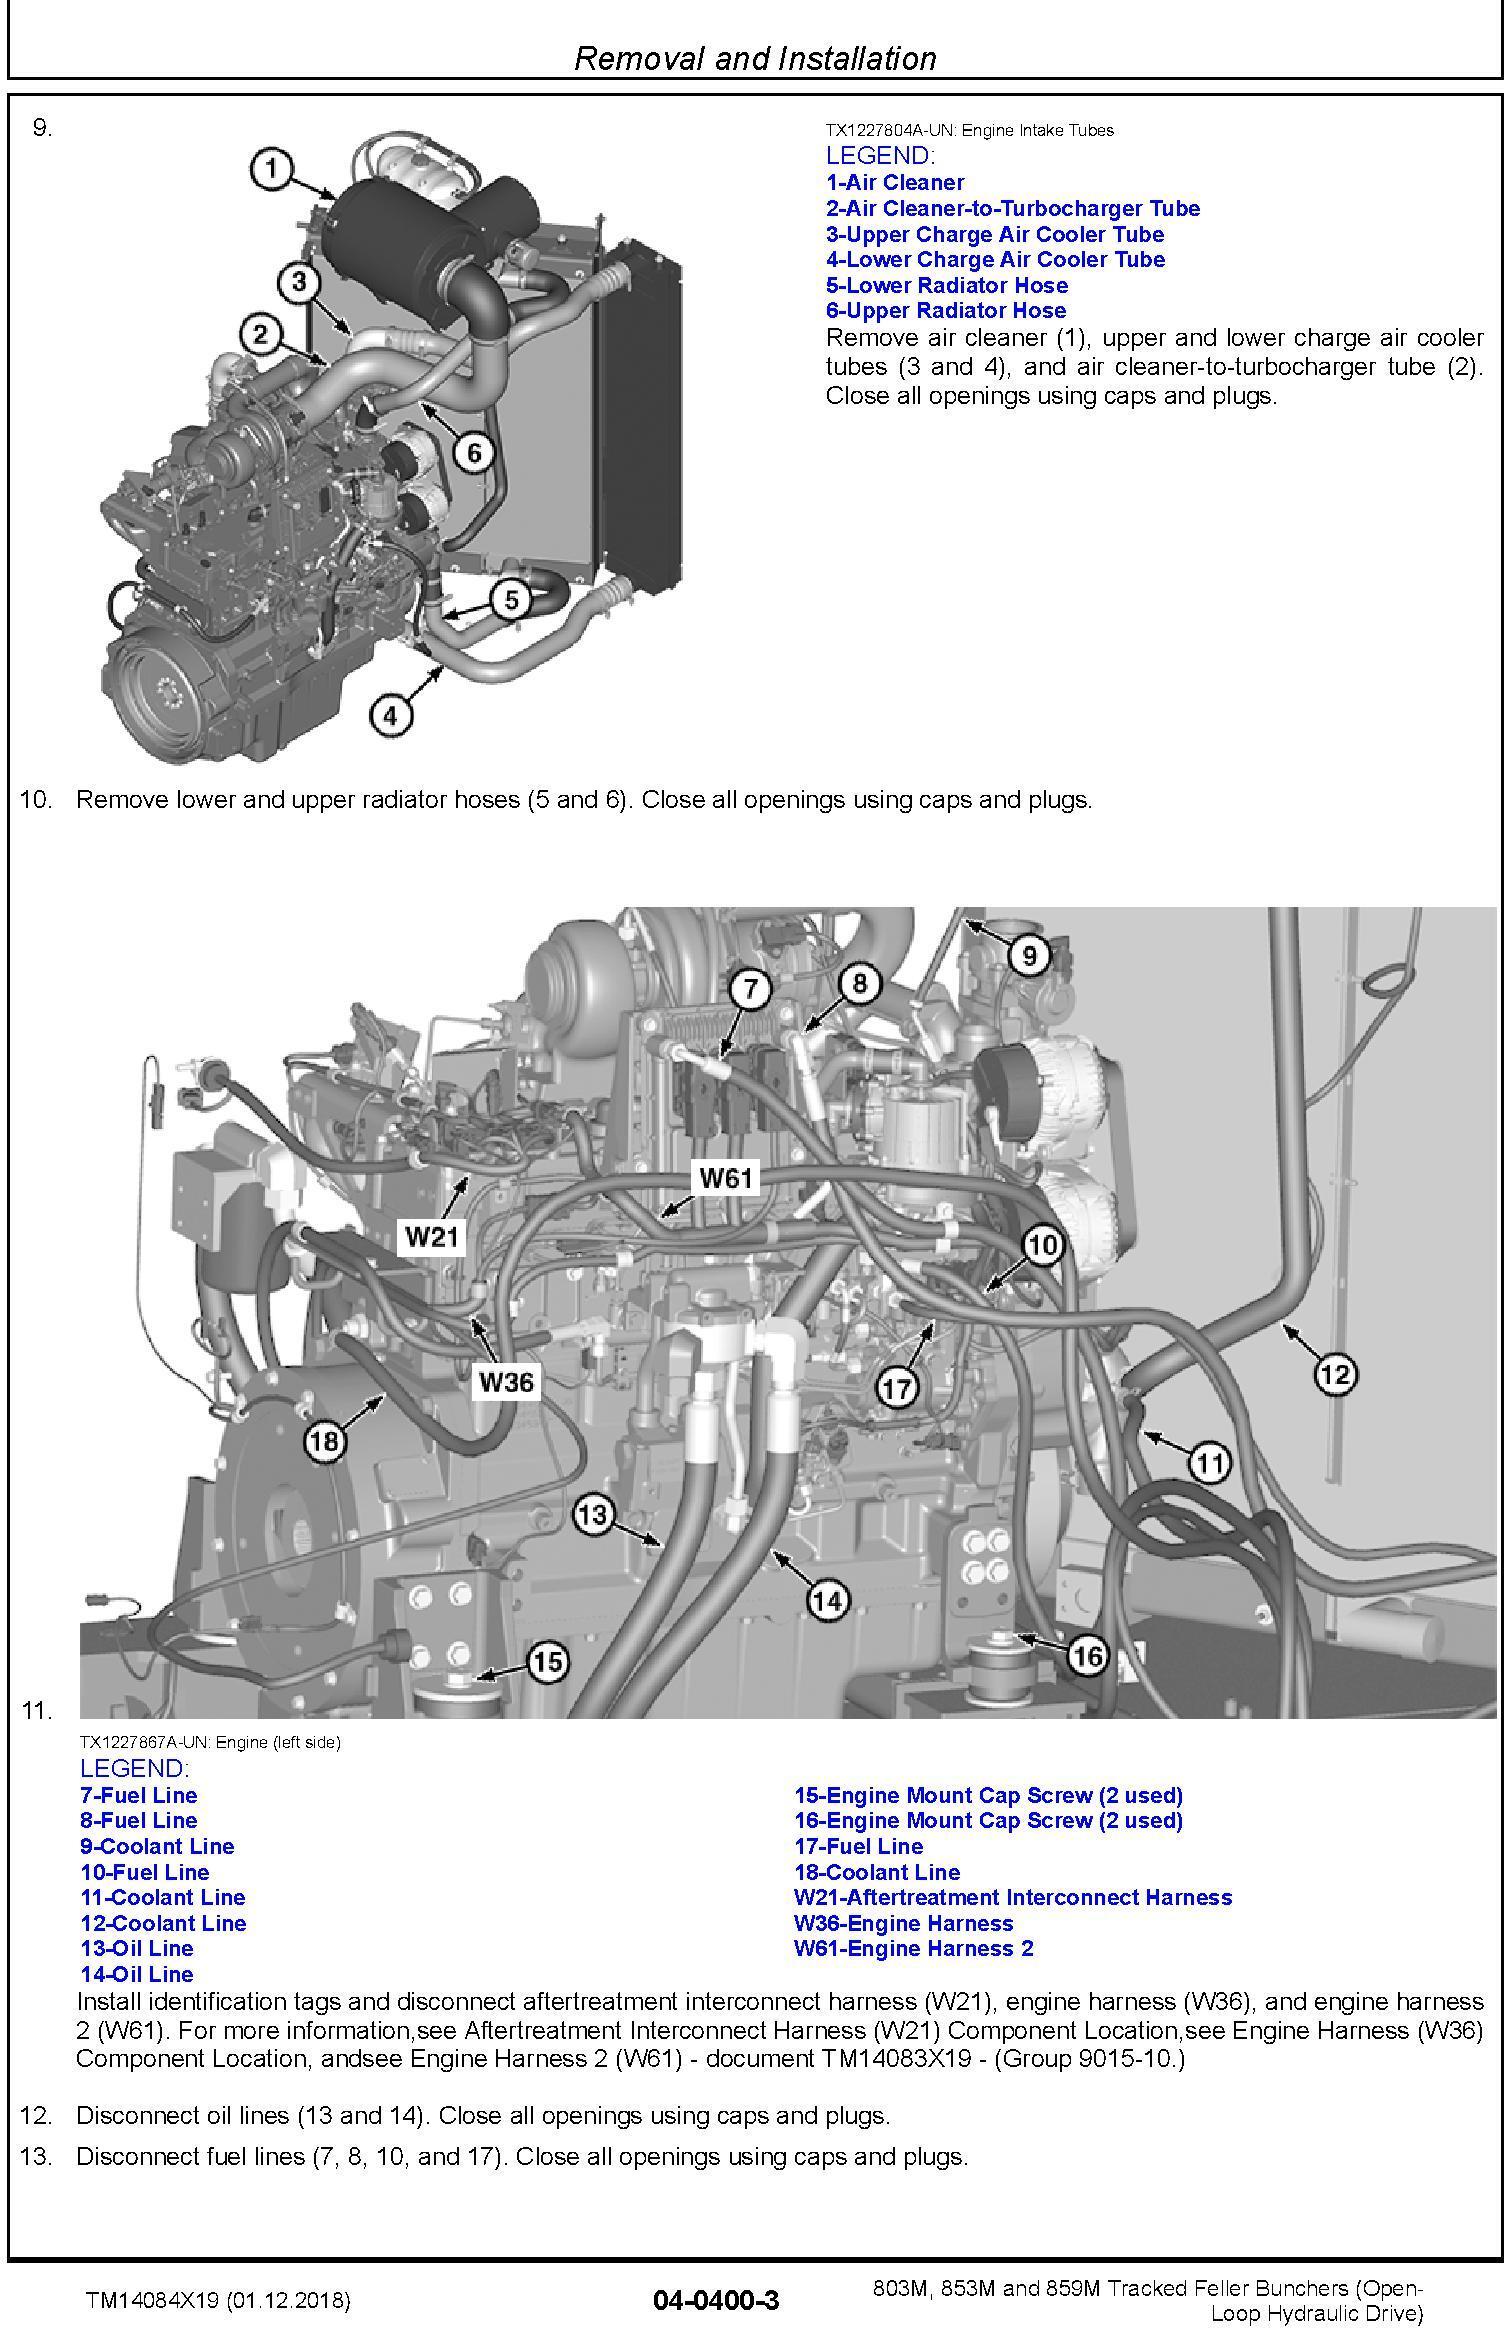 John Deere 803M,853M,859M (SN.F293917-,L343918-) Feller Buncher (Open-Loop) Repair Manual TM14084X19 - 2